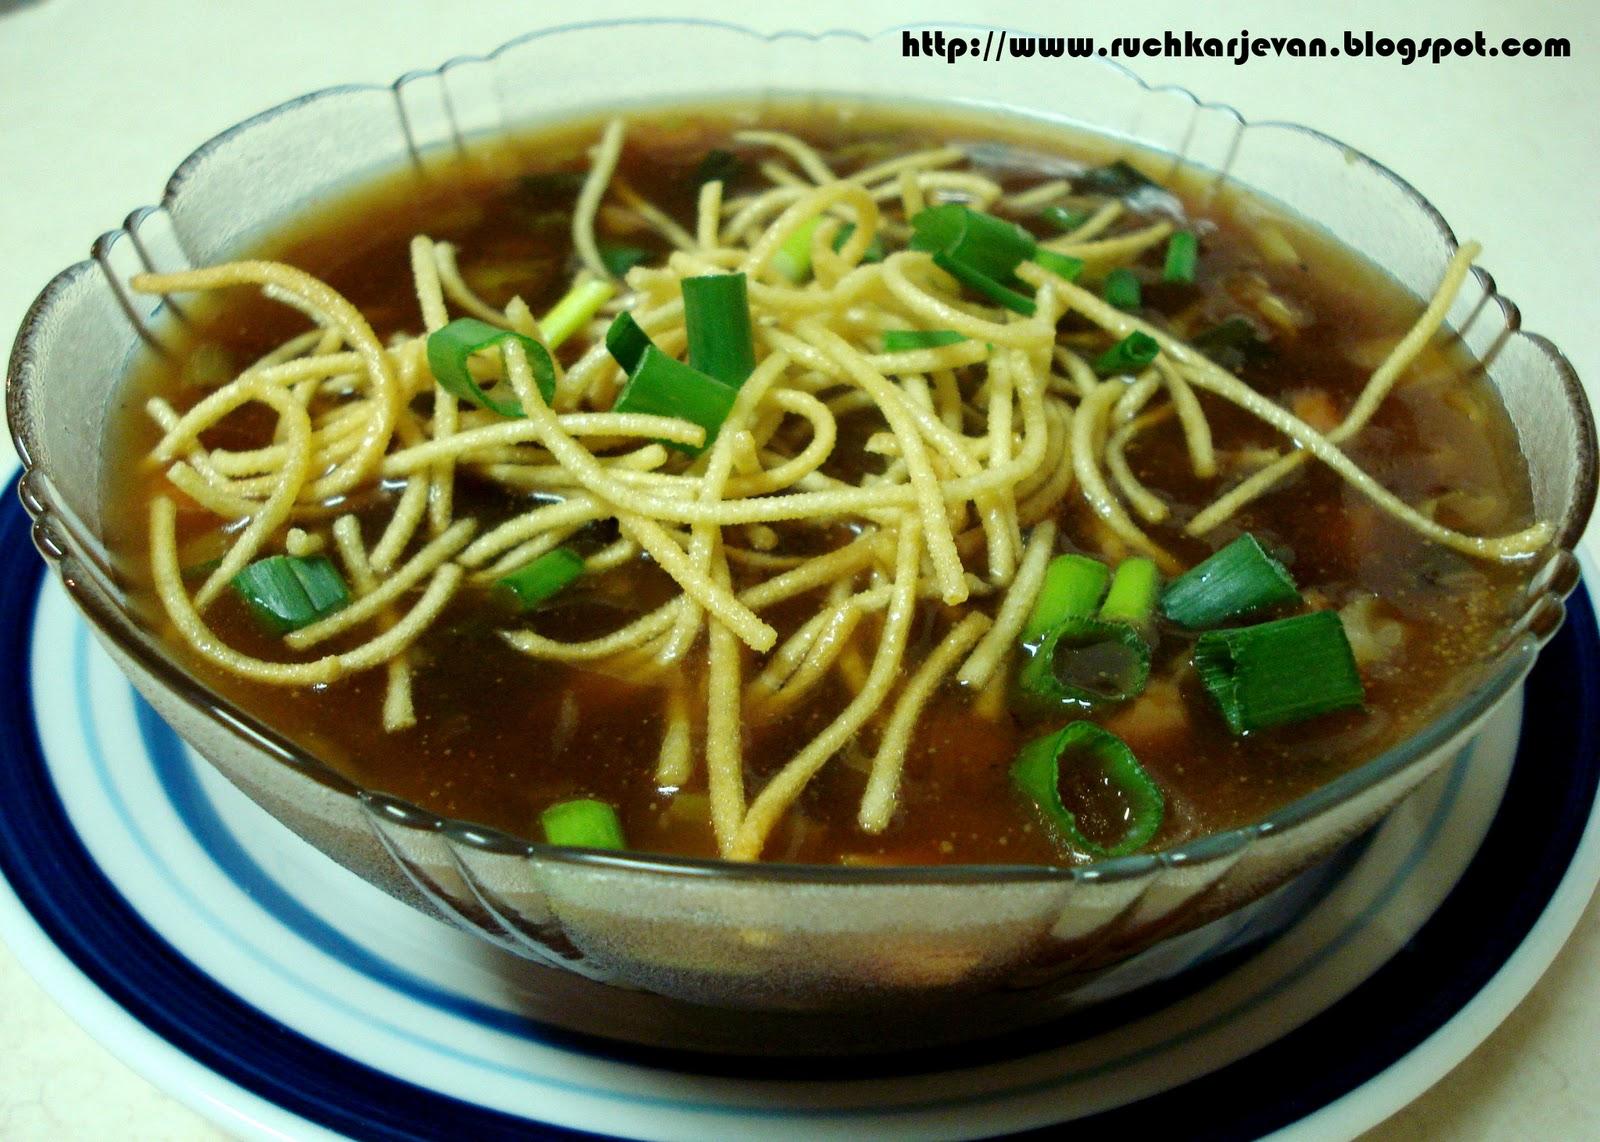 ��������� ������� veg manchow soup